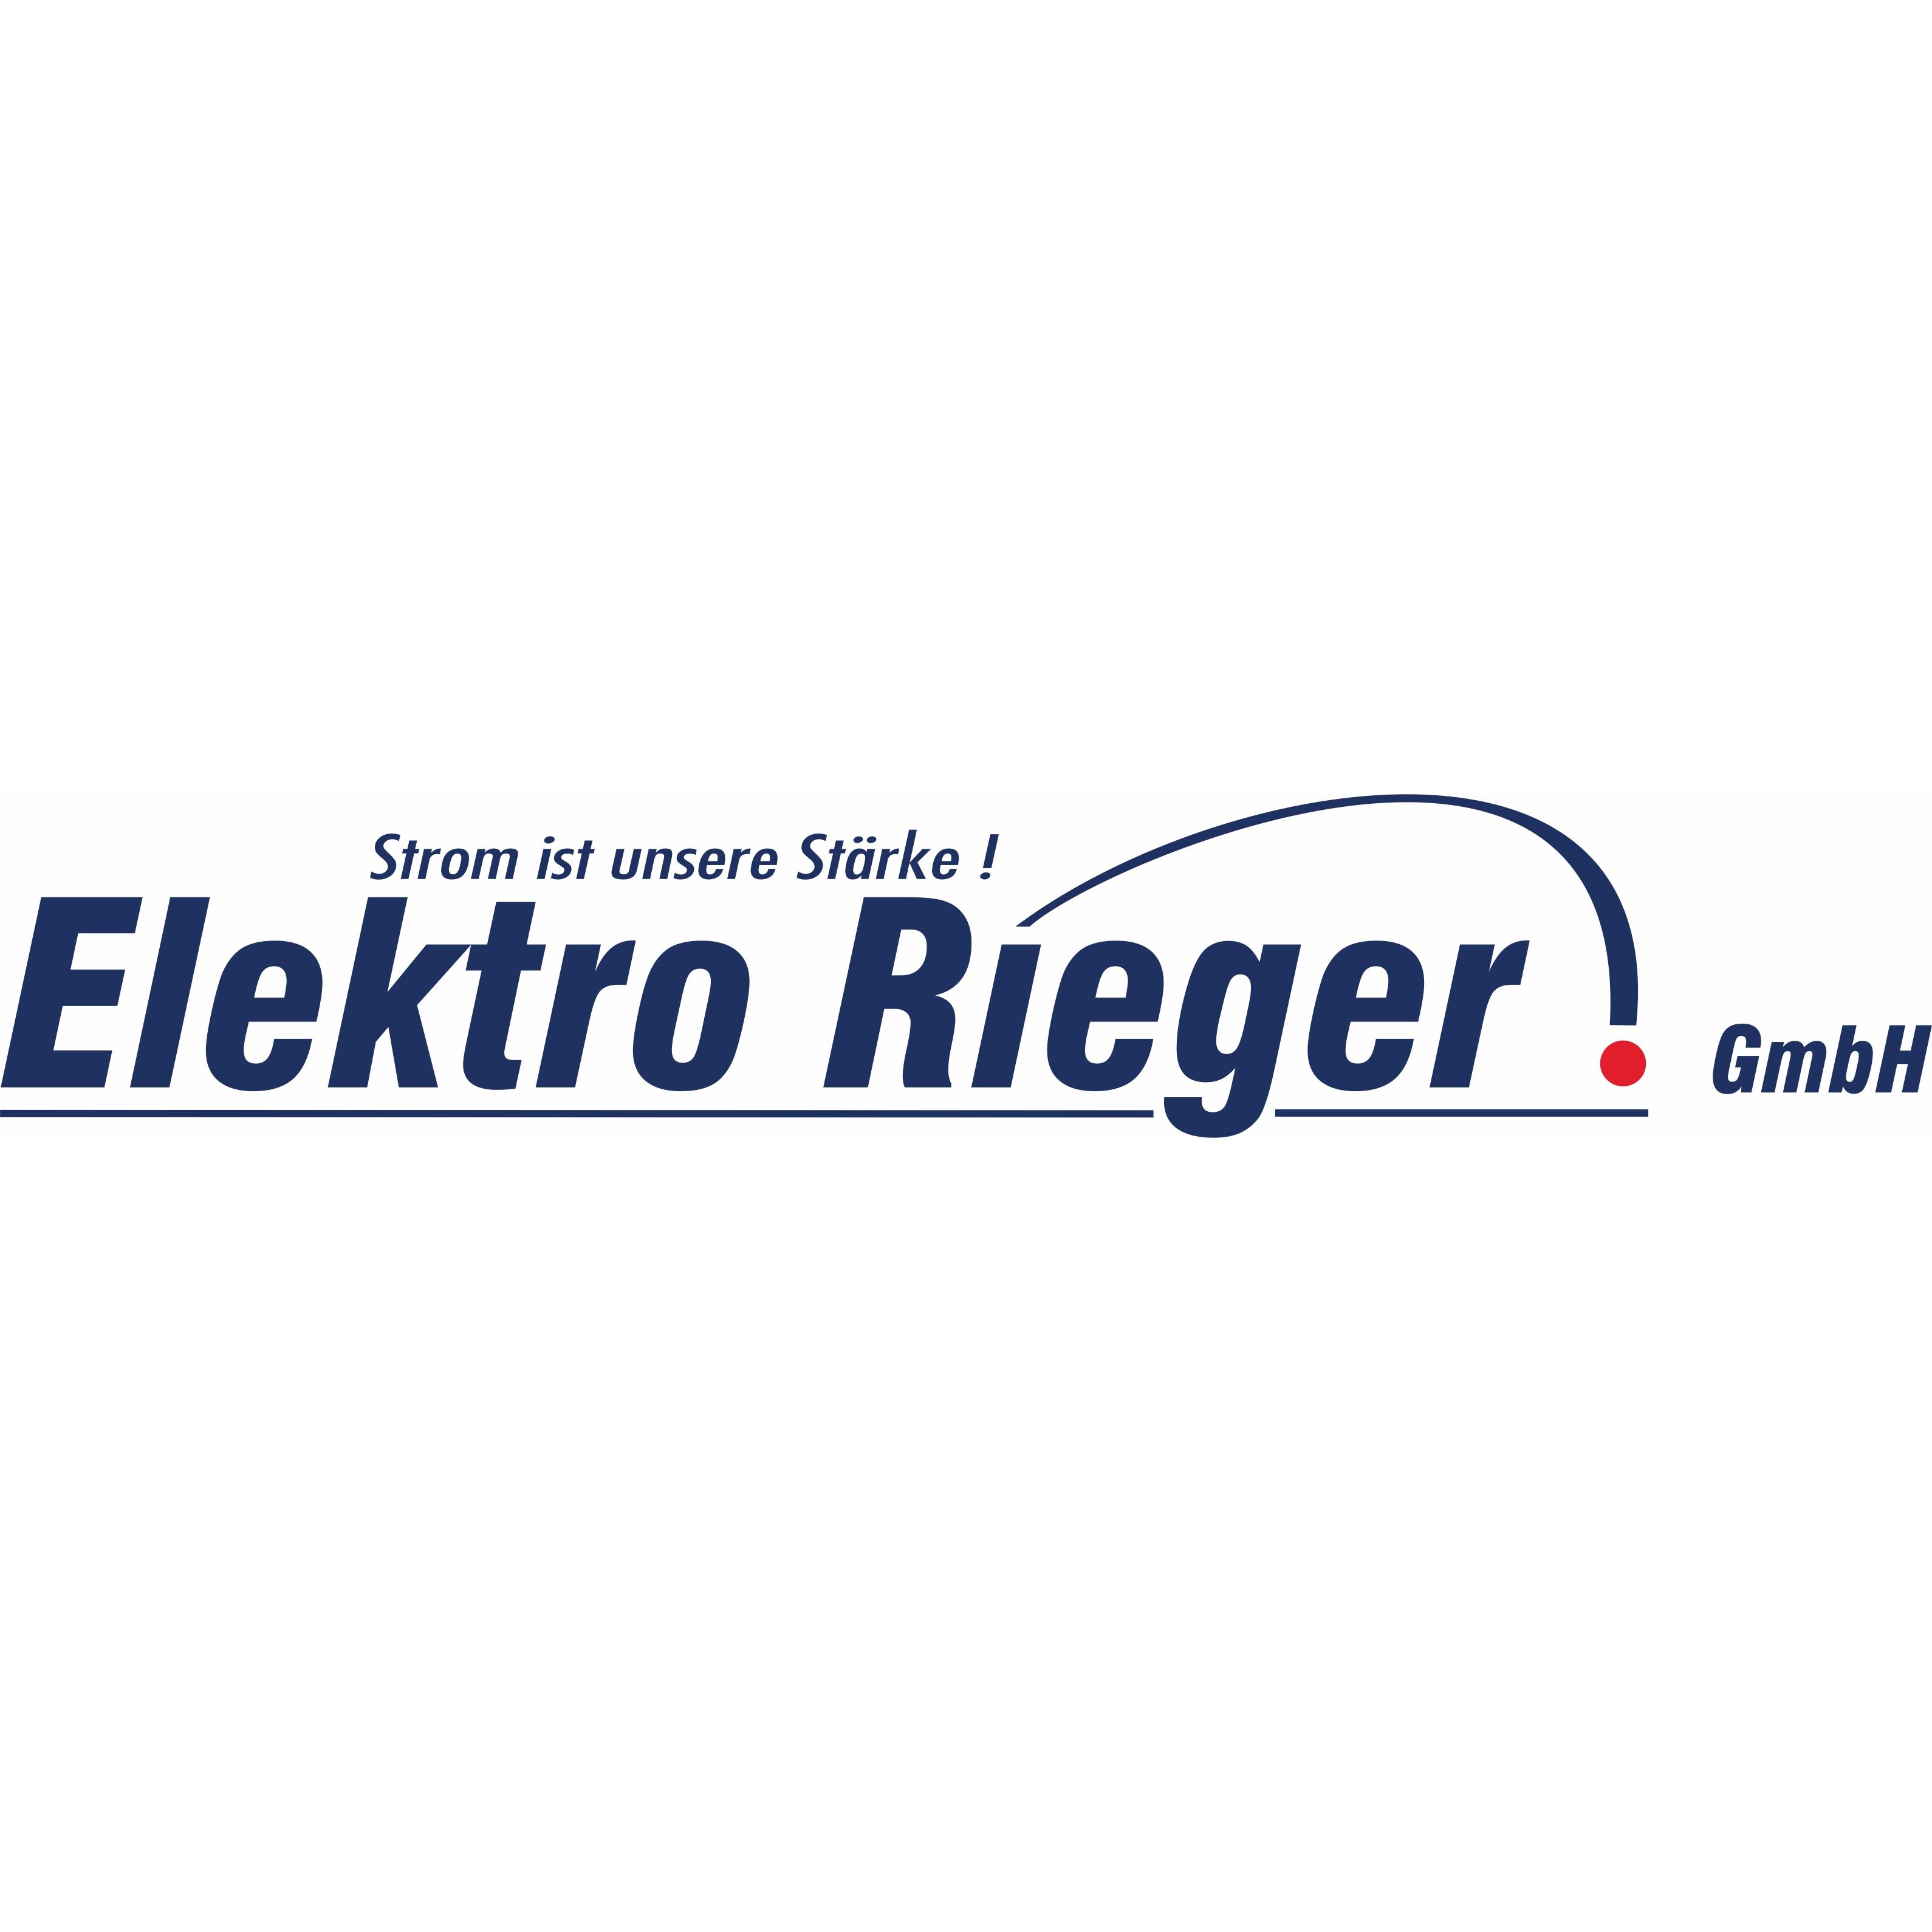 Bild zu Elektro Rieger GmbH in Langenhagen